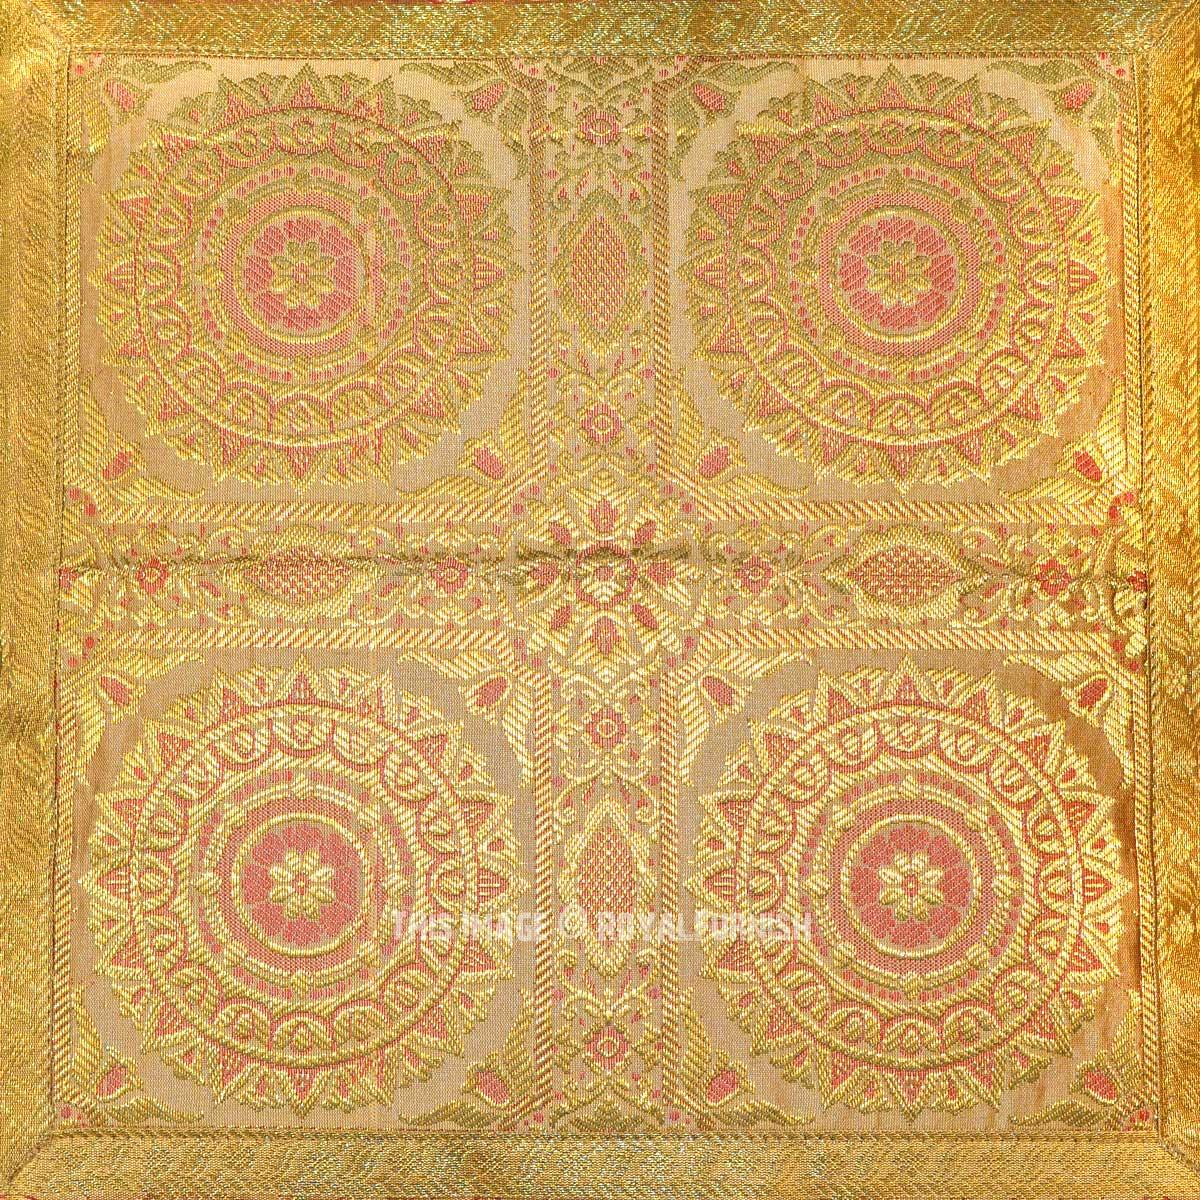 Golden Four Floral Mandala Circle Silk Brocade Throw